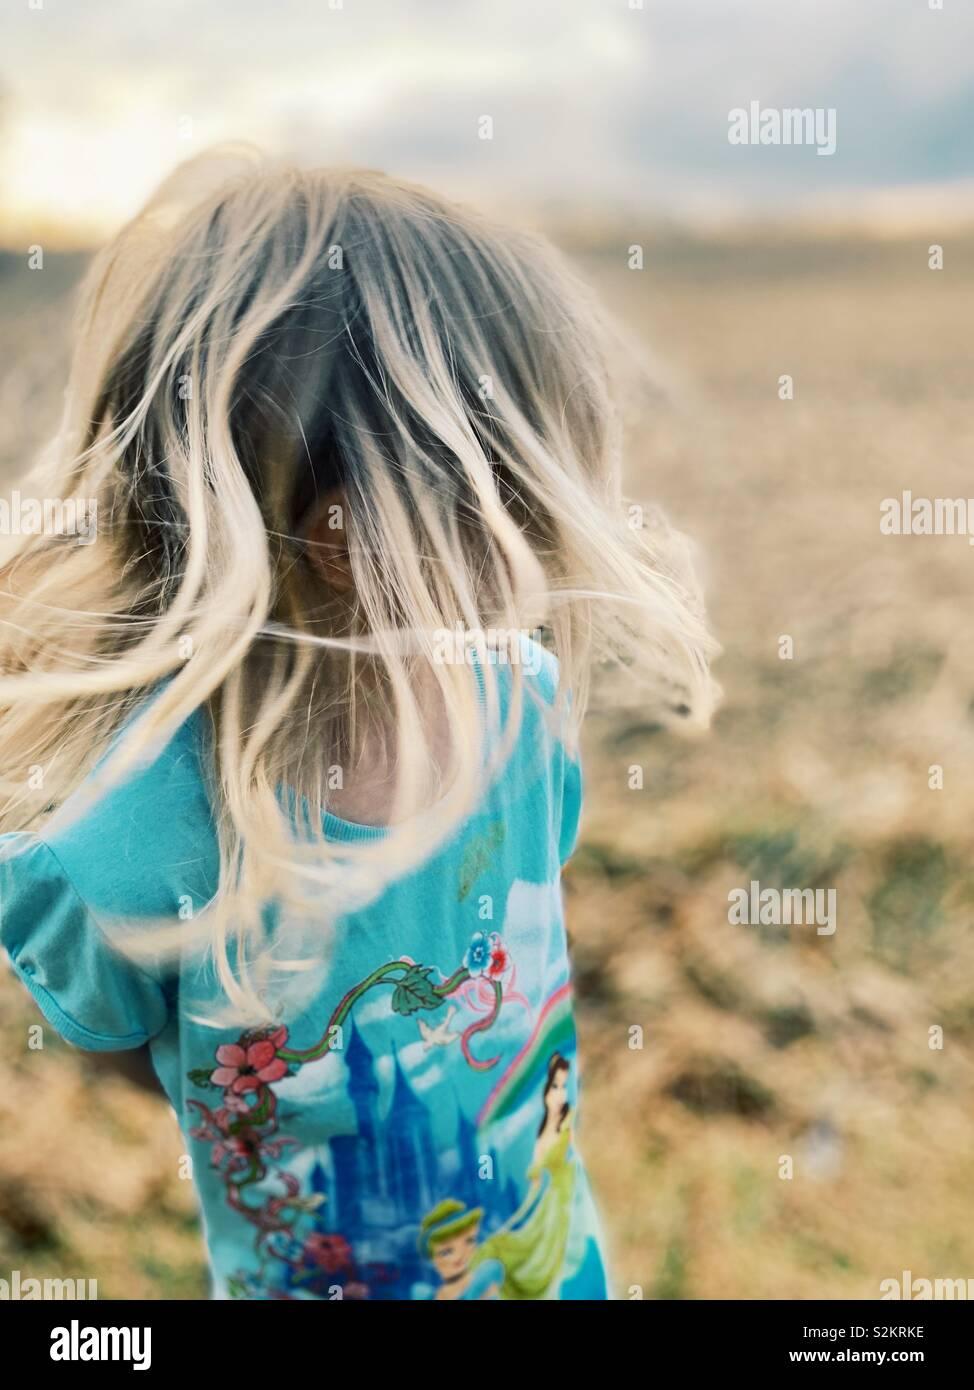 Mädchen mit blondem Haar in einem Feld. Stockfoto